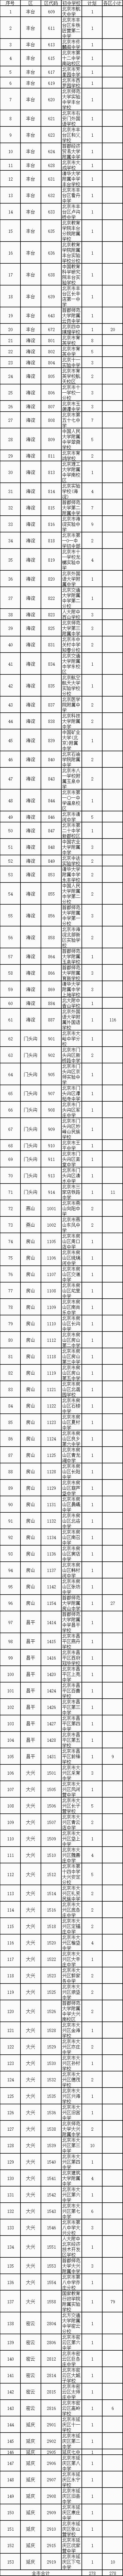 2019北京民大附中中考招生计划及校额到校公示